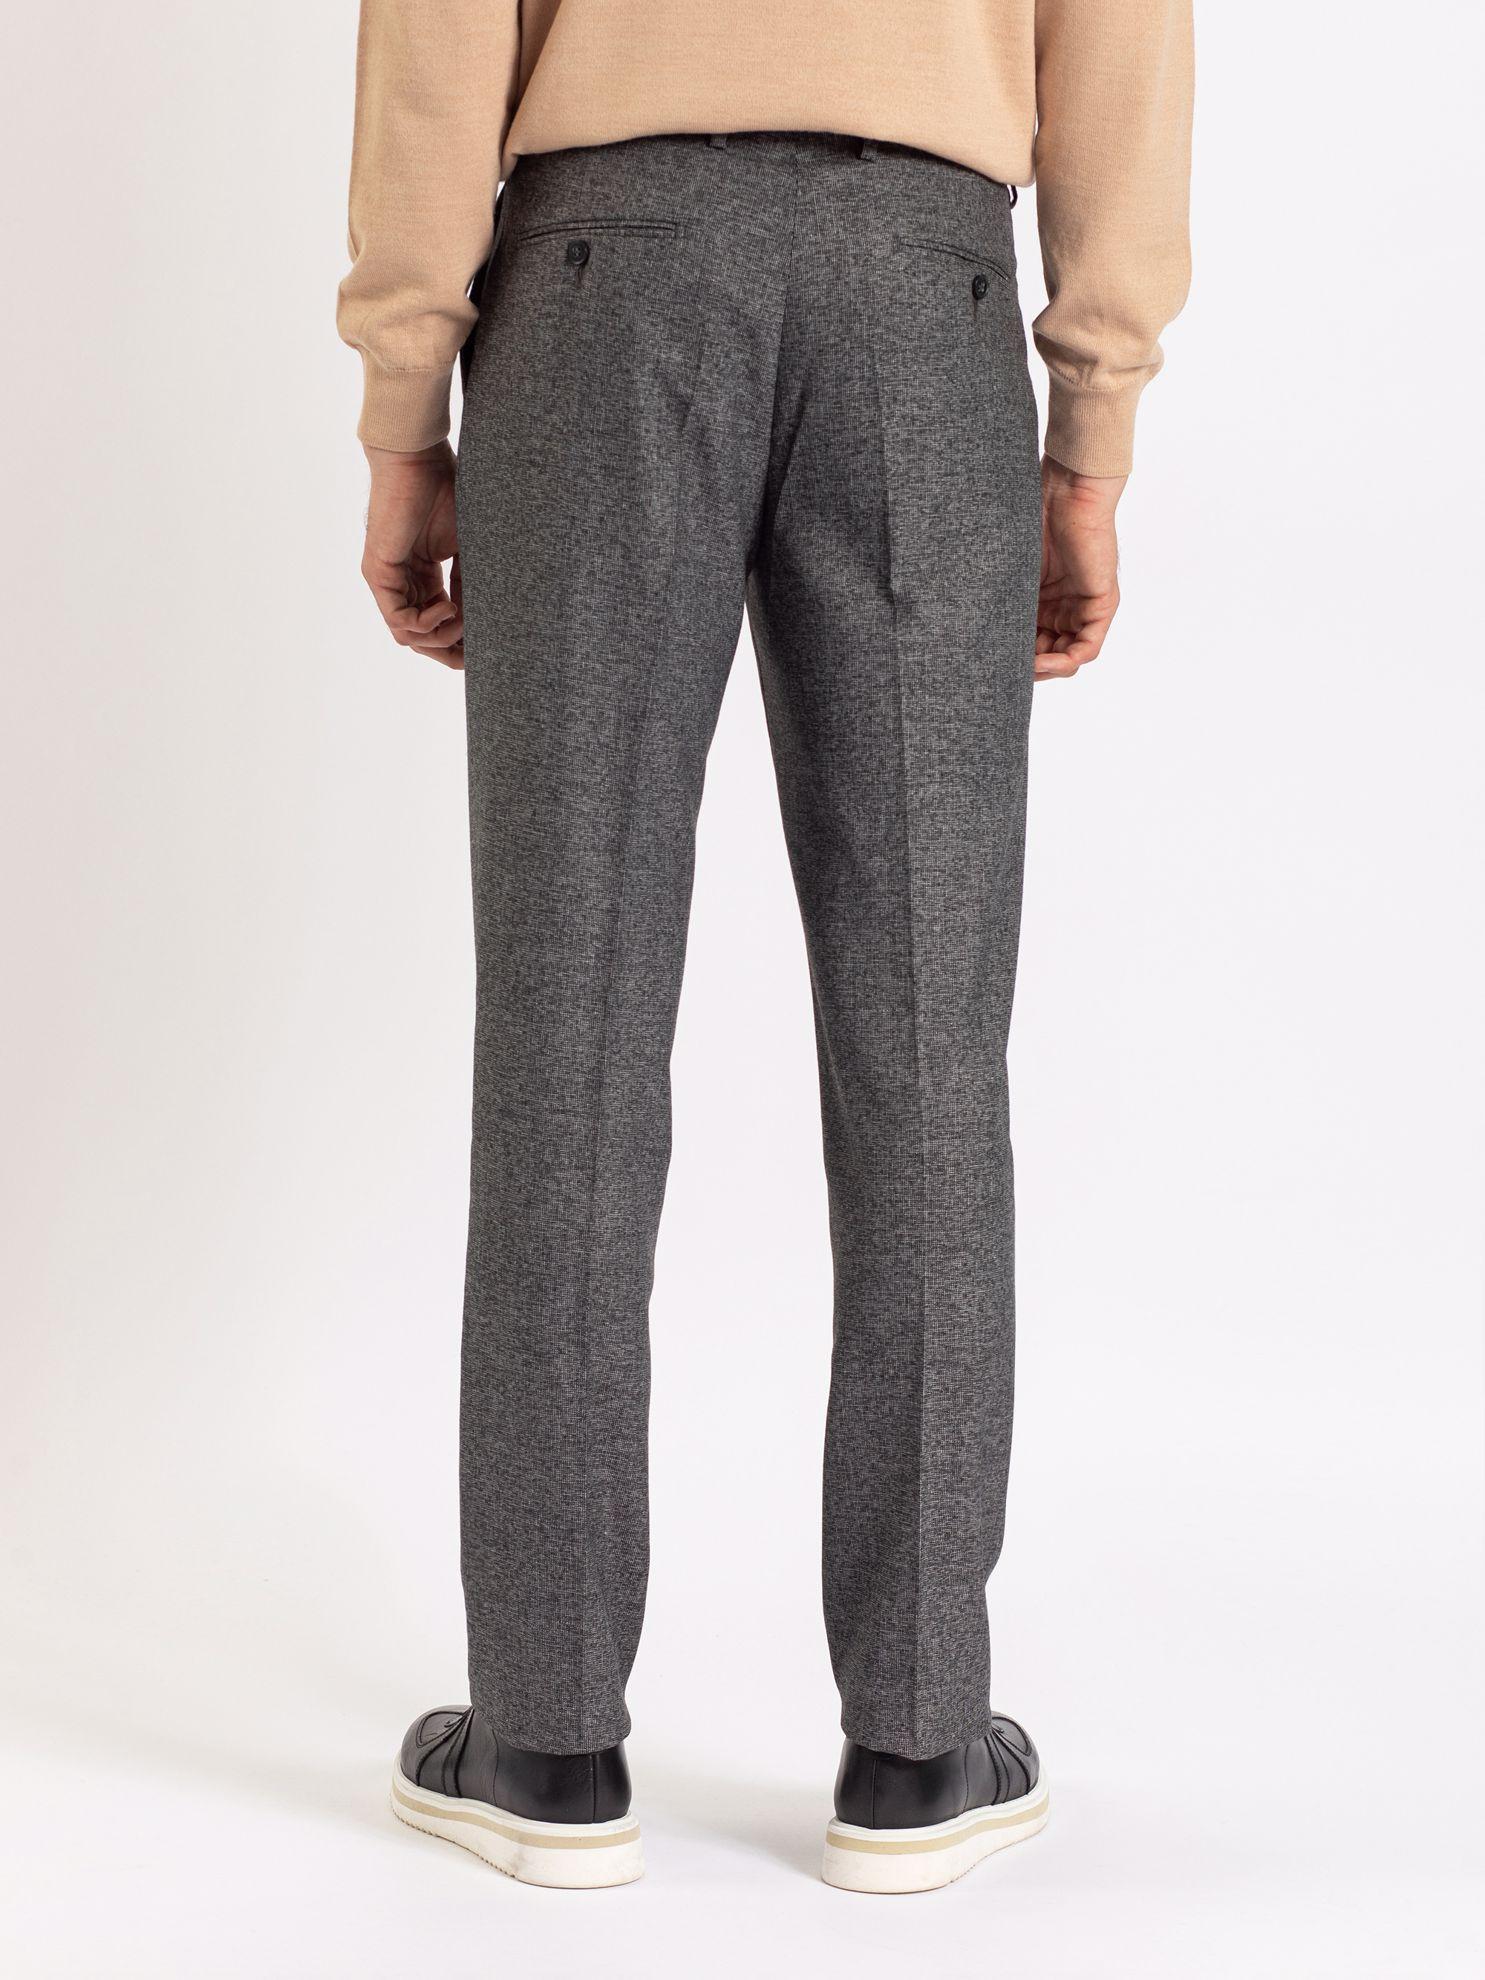 Karaca Erkek 6 Drop Pantolon-Siyah. ürün görseli